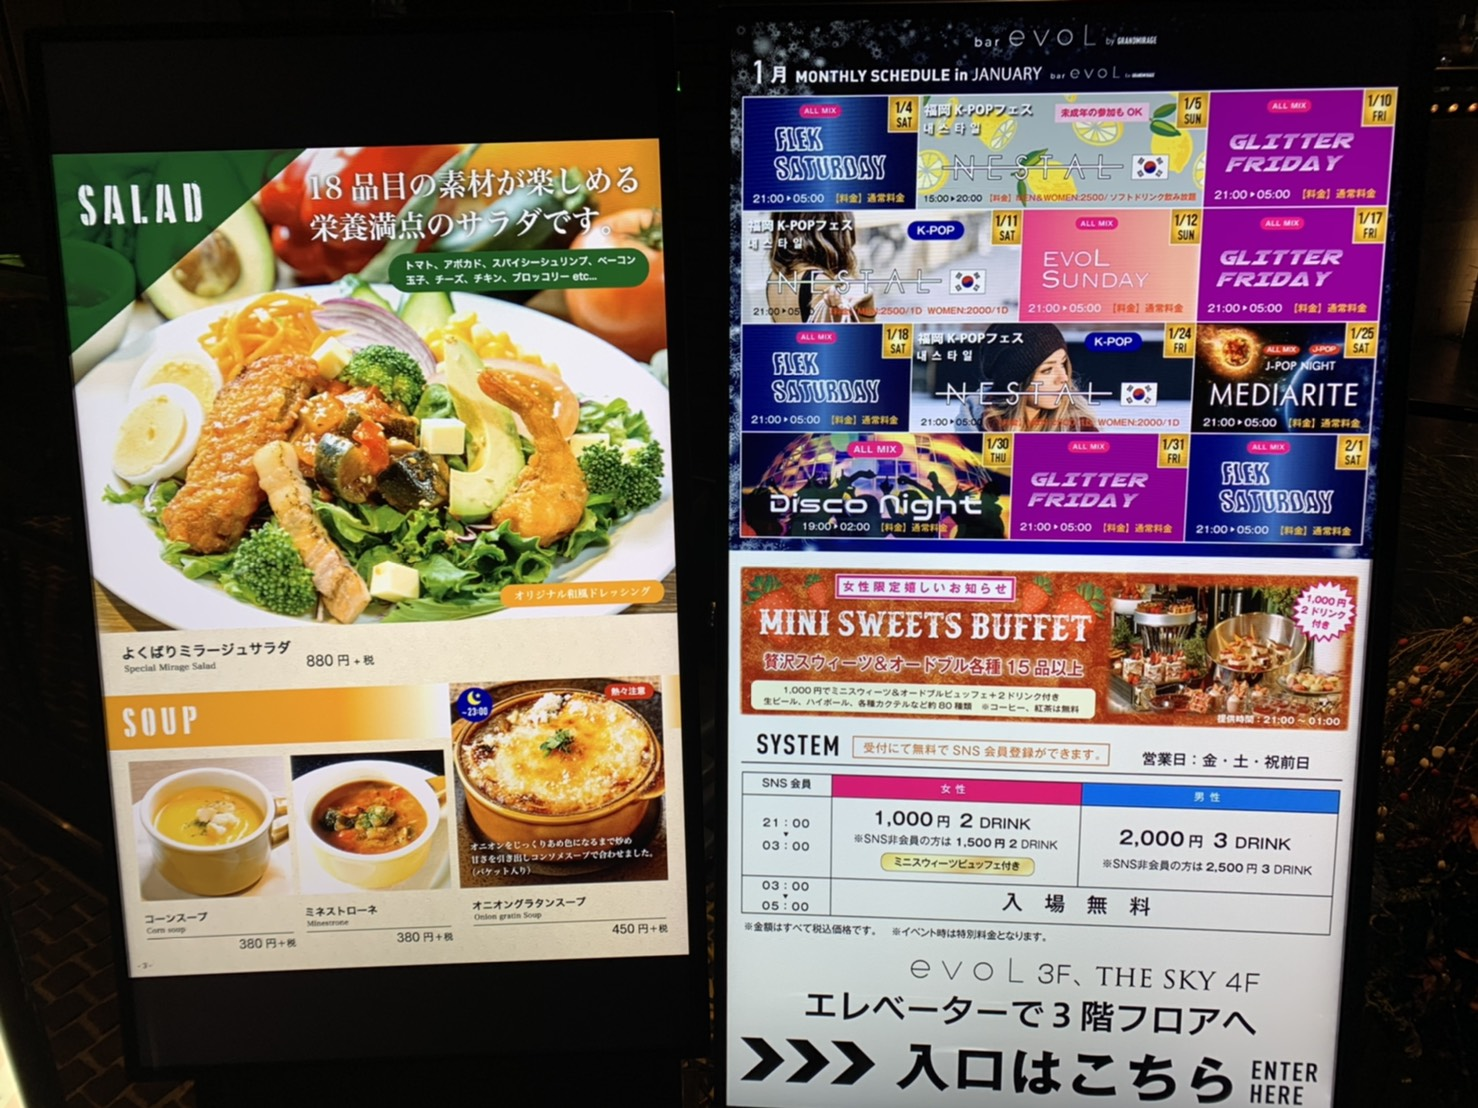 Grand Mirage (Café+bar evoL),福岡夜生活 😍 咖啡店mix夜店複合式餐廳